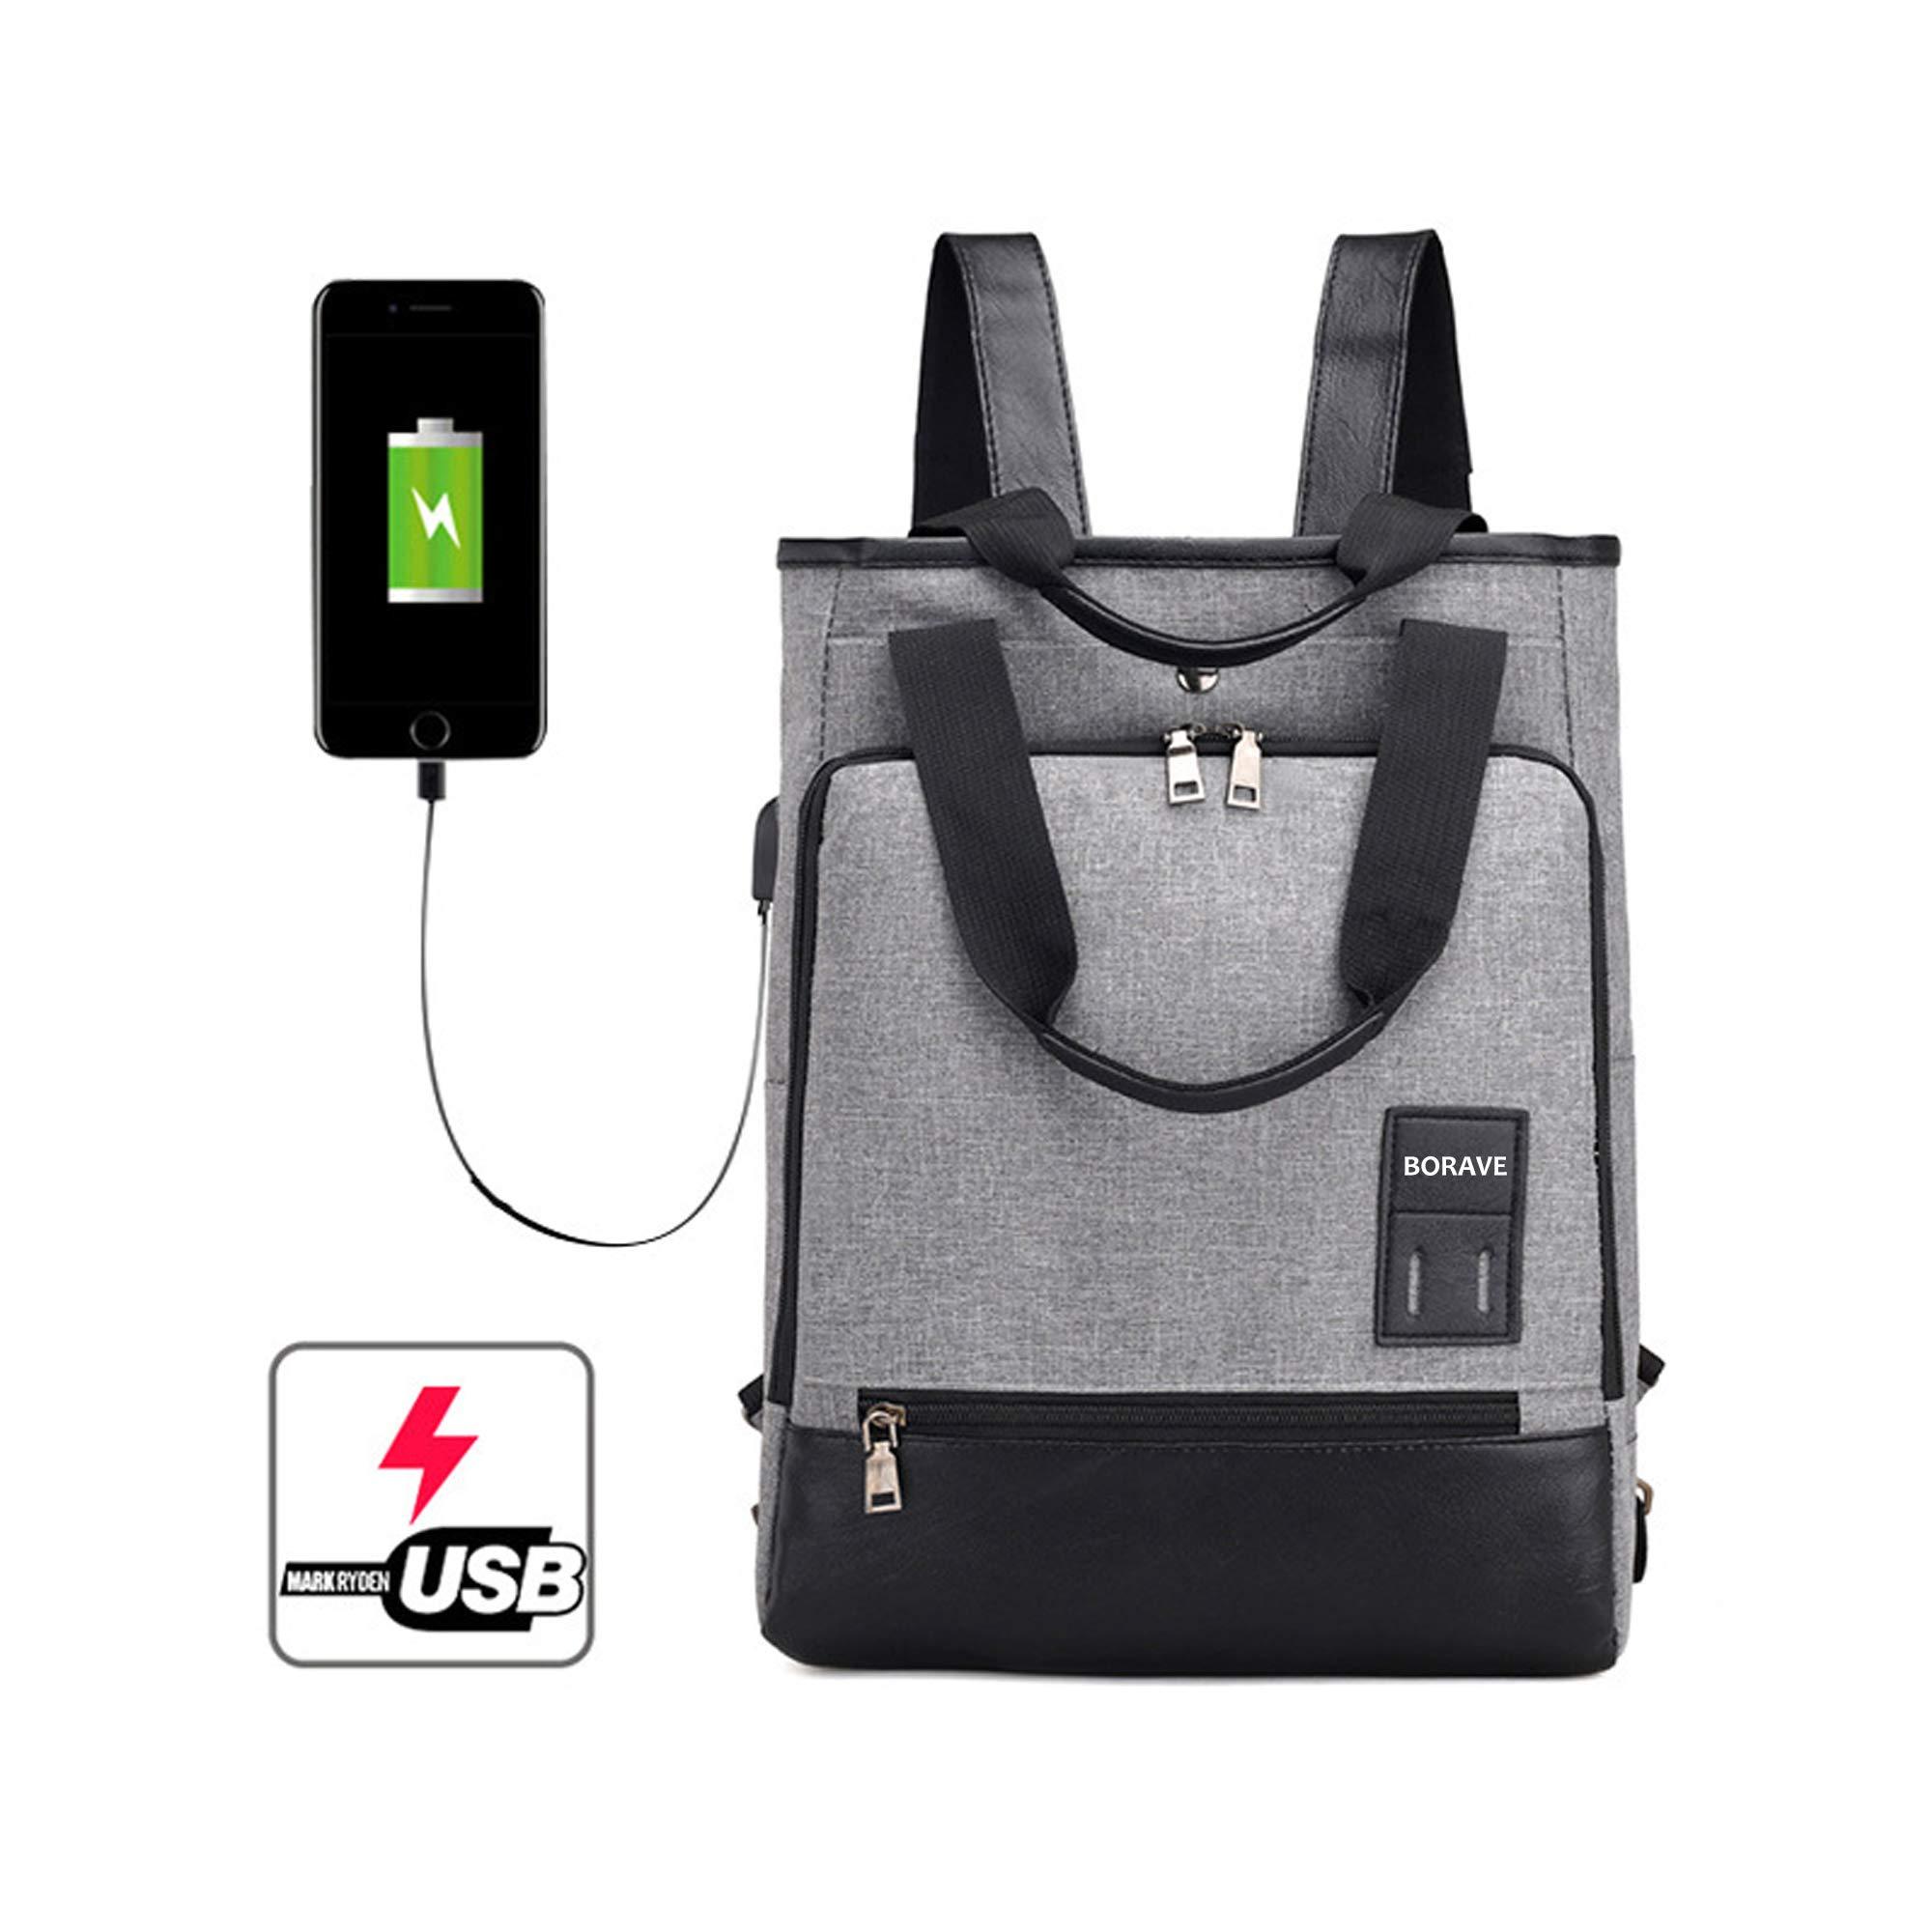 Borave 尼龙 3 合 1 Carring's Method Usb 背包,单肩包 B 背包手包,男女皆宜,20-35 升大包带双拉链,学生包和笔记本电脑包,灰色USB-bag-001 15.6'